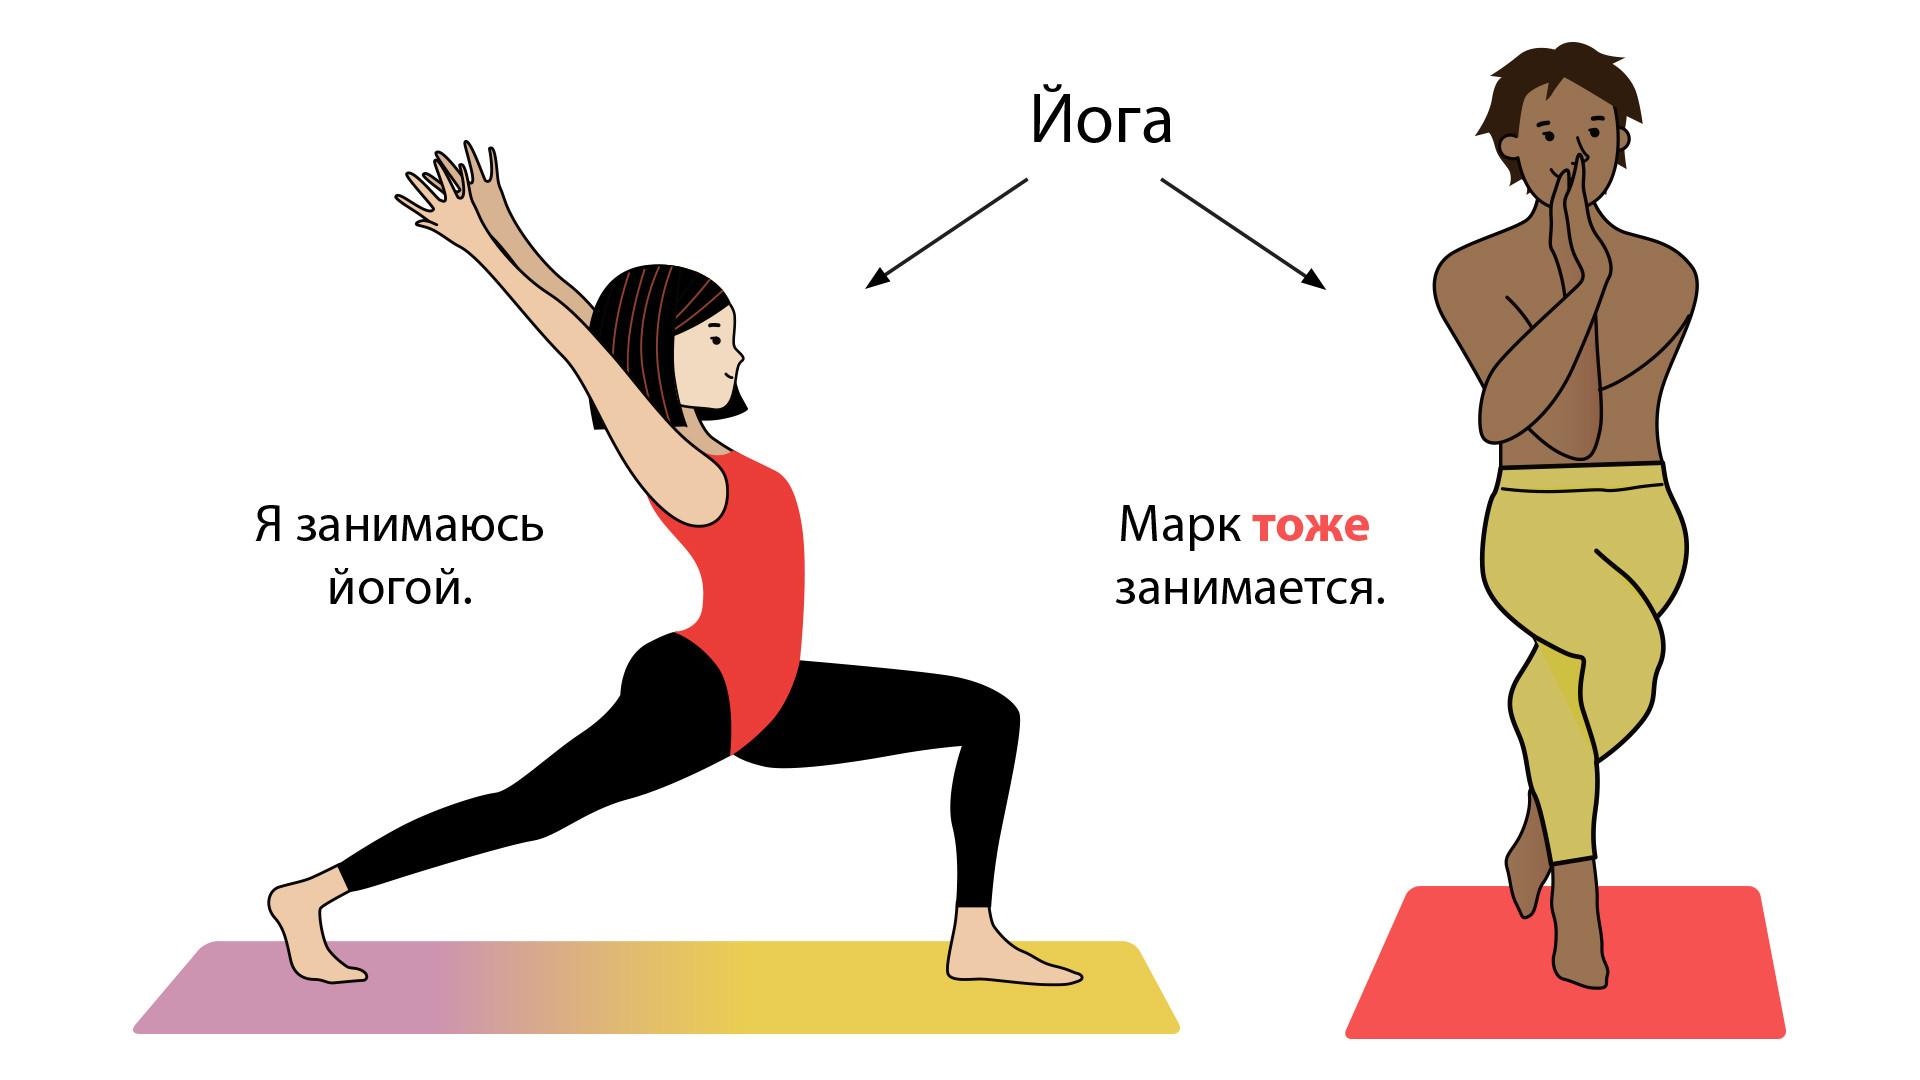 « Je pratique le yoga. Mark aussi pratique. »